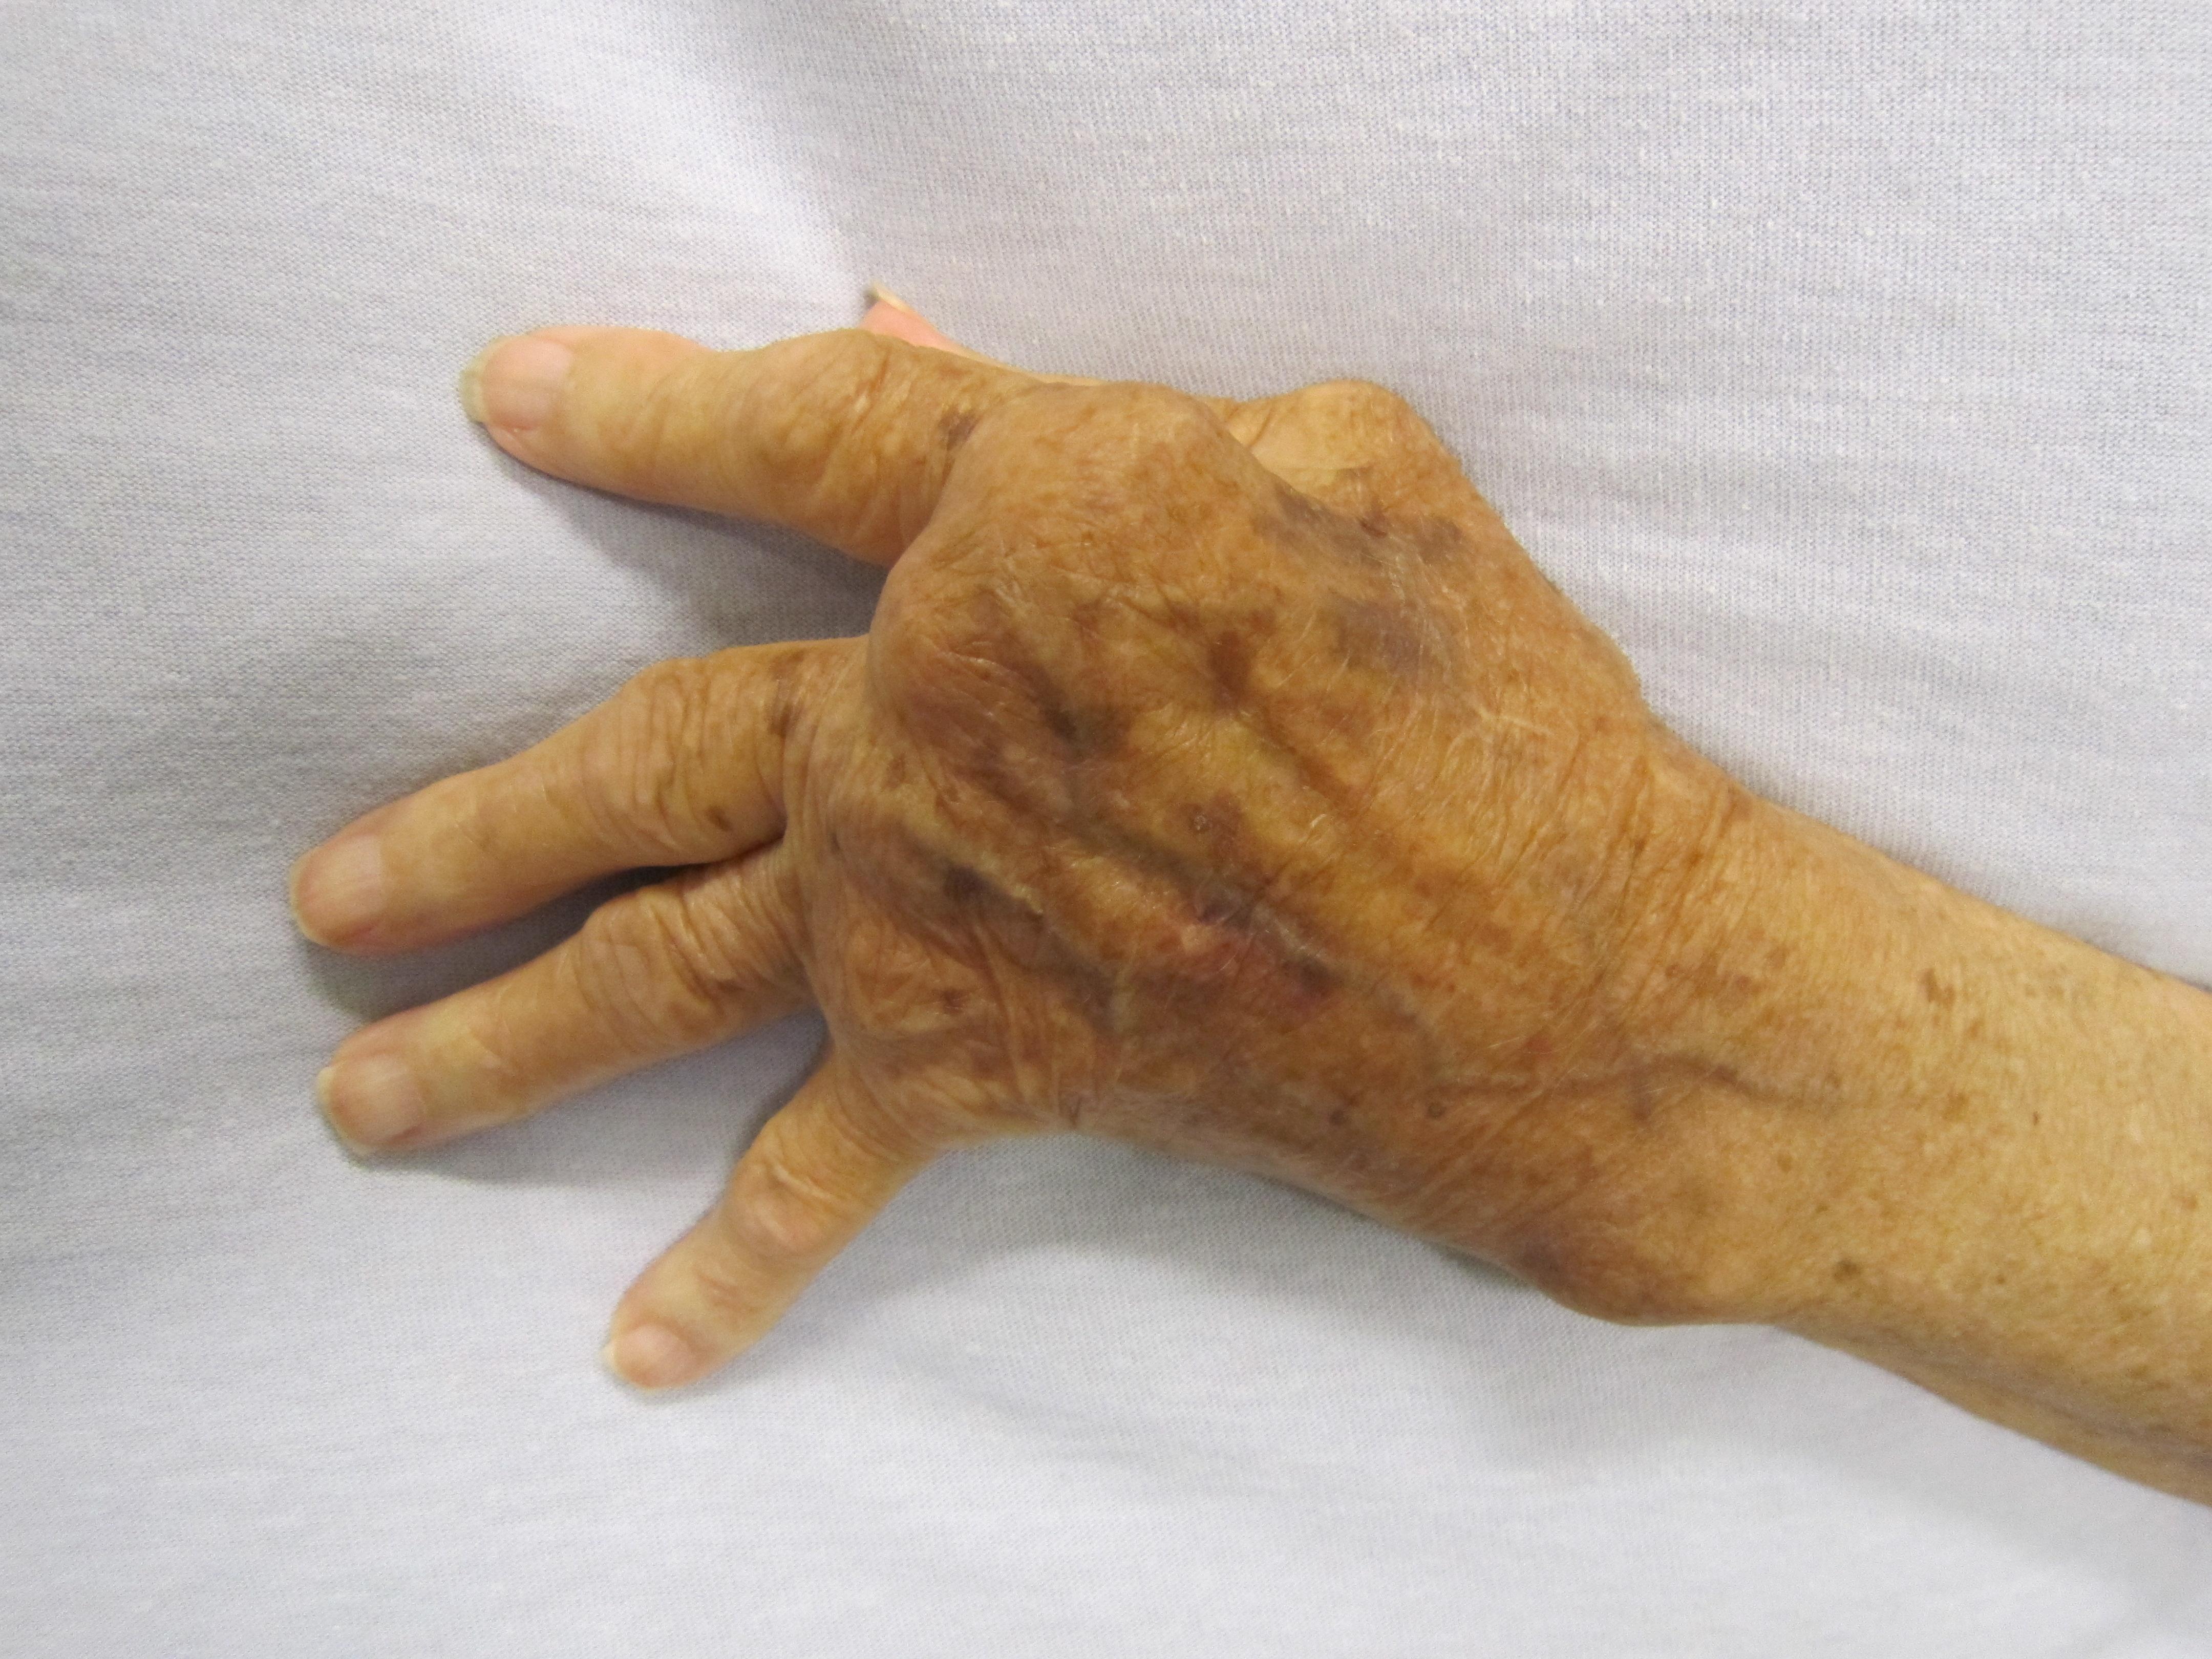 térd deformáló artrózisának gyógyászati kezelése)